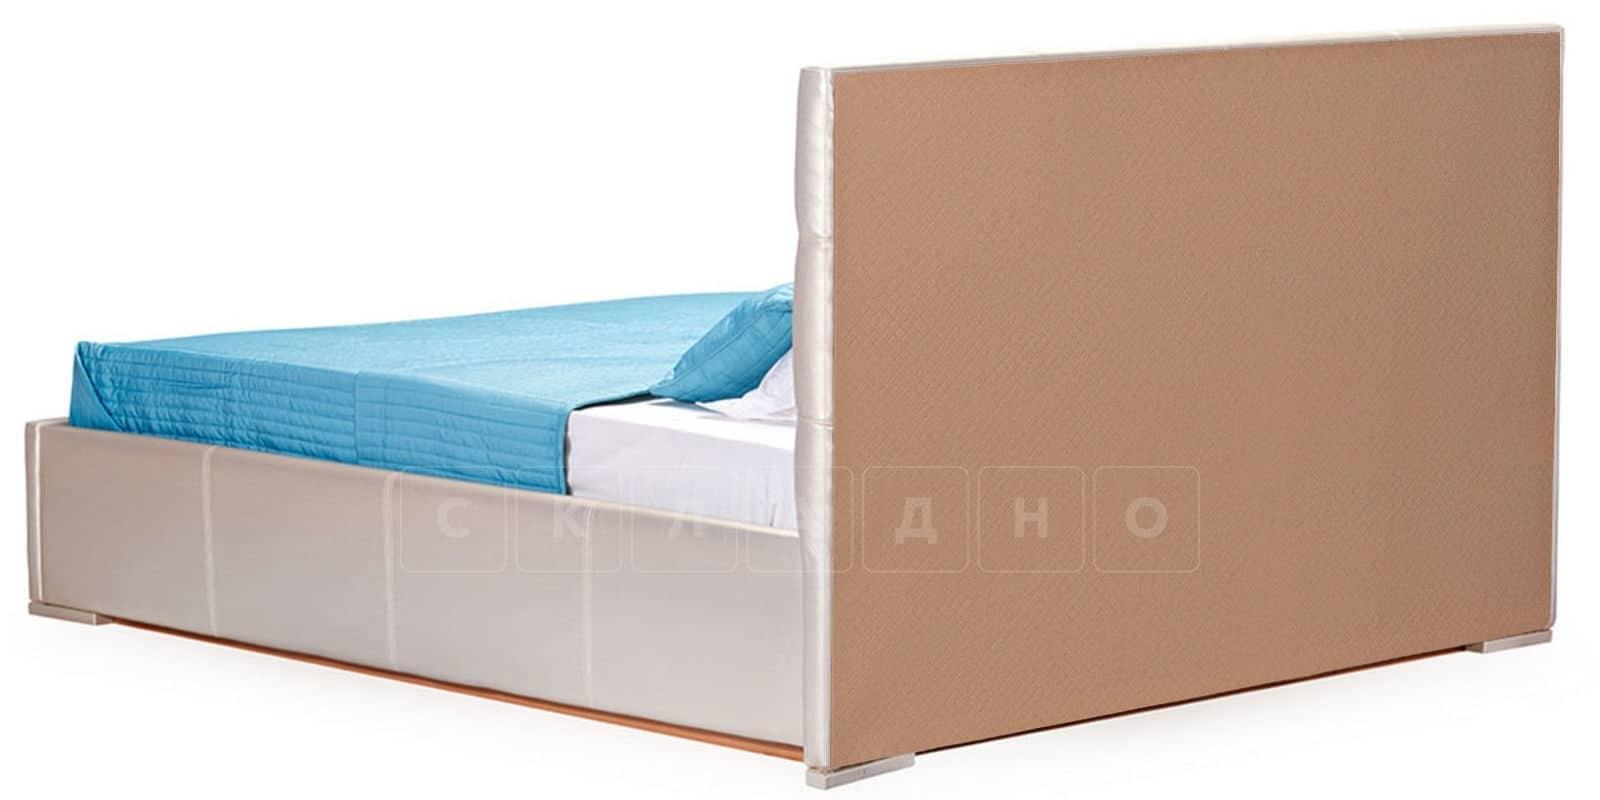 Мягкая кровать Лайф 160см перламутр с подъемным механизмом фото 4 | интернет-магазин Складно